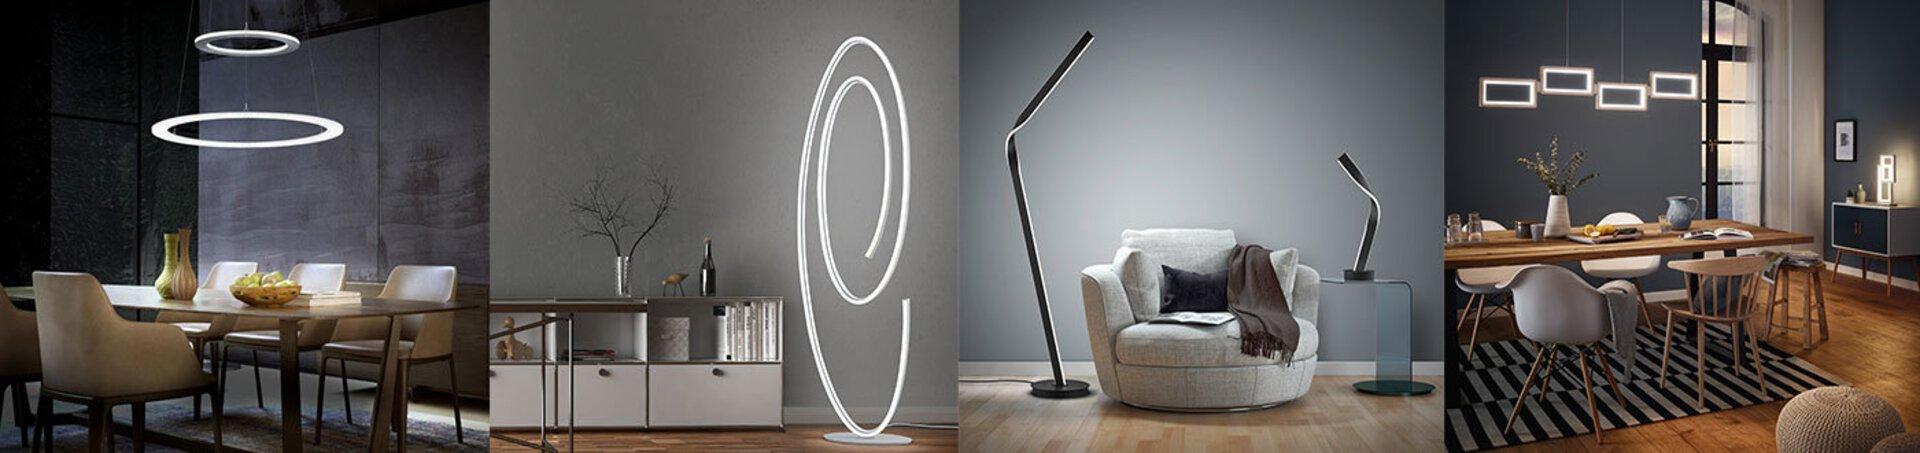 """Verschiedene Lampen in modernem Design und abstrakten Formen als Inspiration für  moderne Leuchten auf der Inspirationsseite """"Leuchtentrends""""."""